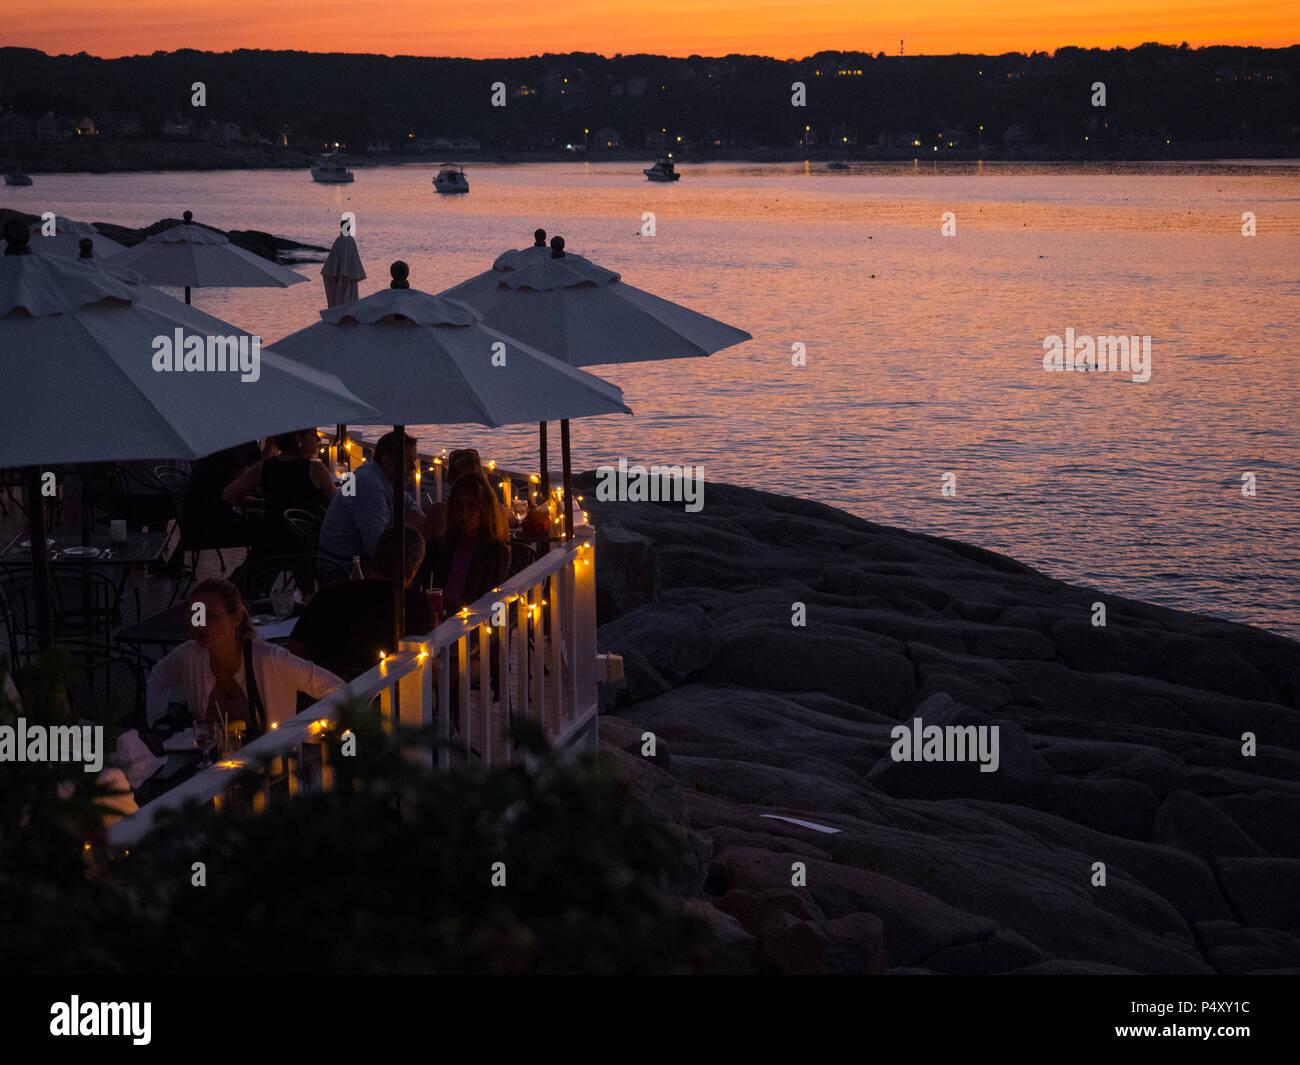 Sonnenuntergang über dem Wasser auf meinen Platz am Meer Restaurant in Rockport, MA. Stockbild